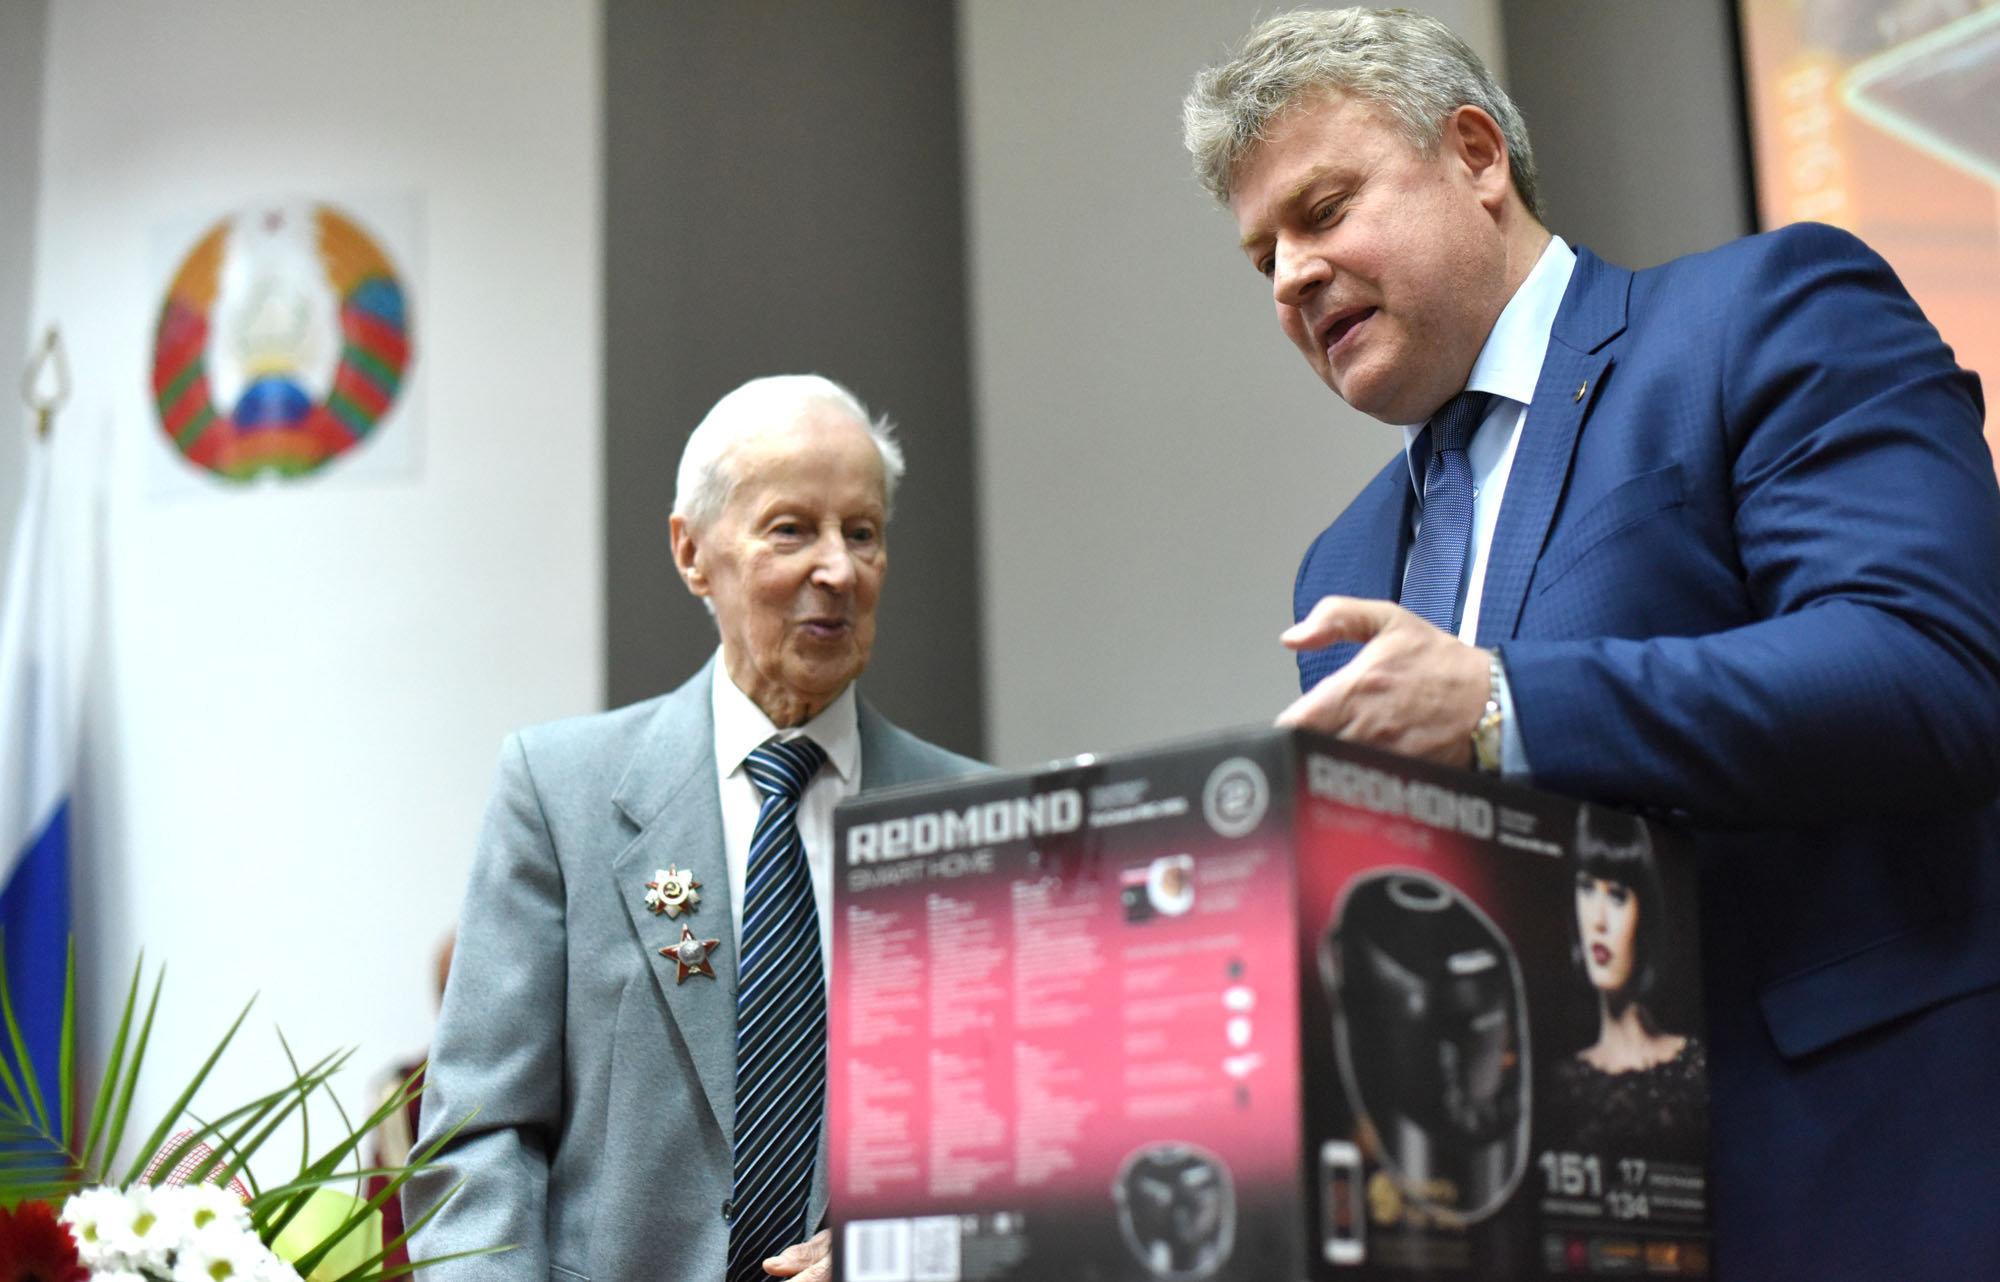 Гендиректор ОАО Гомельтранснефть Дружба Сергей Сосновский поздравил Василия Хацулева с заслуженной наградой.